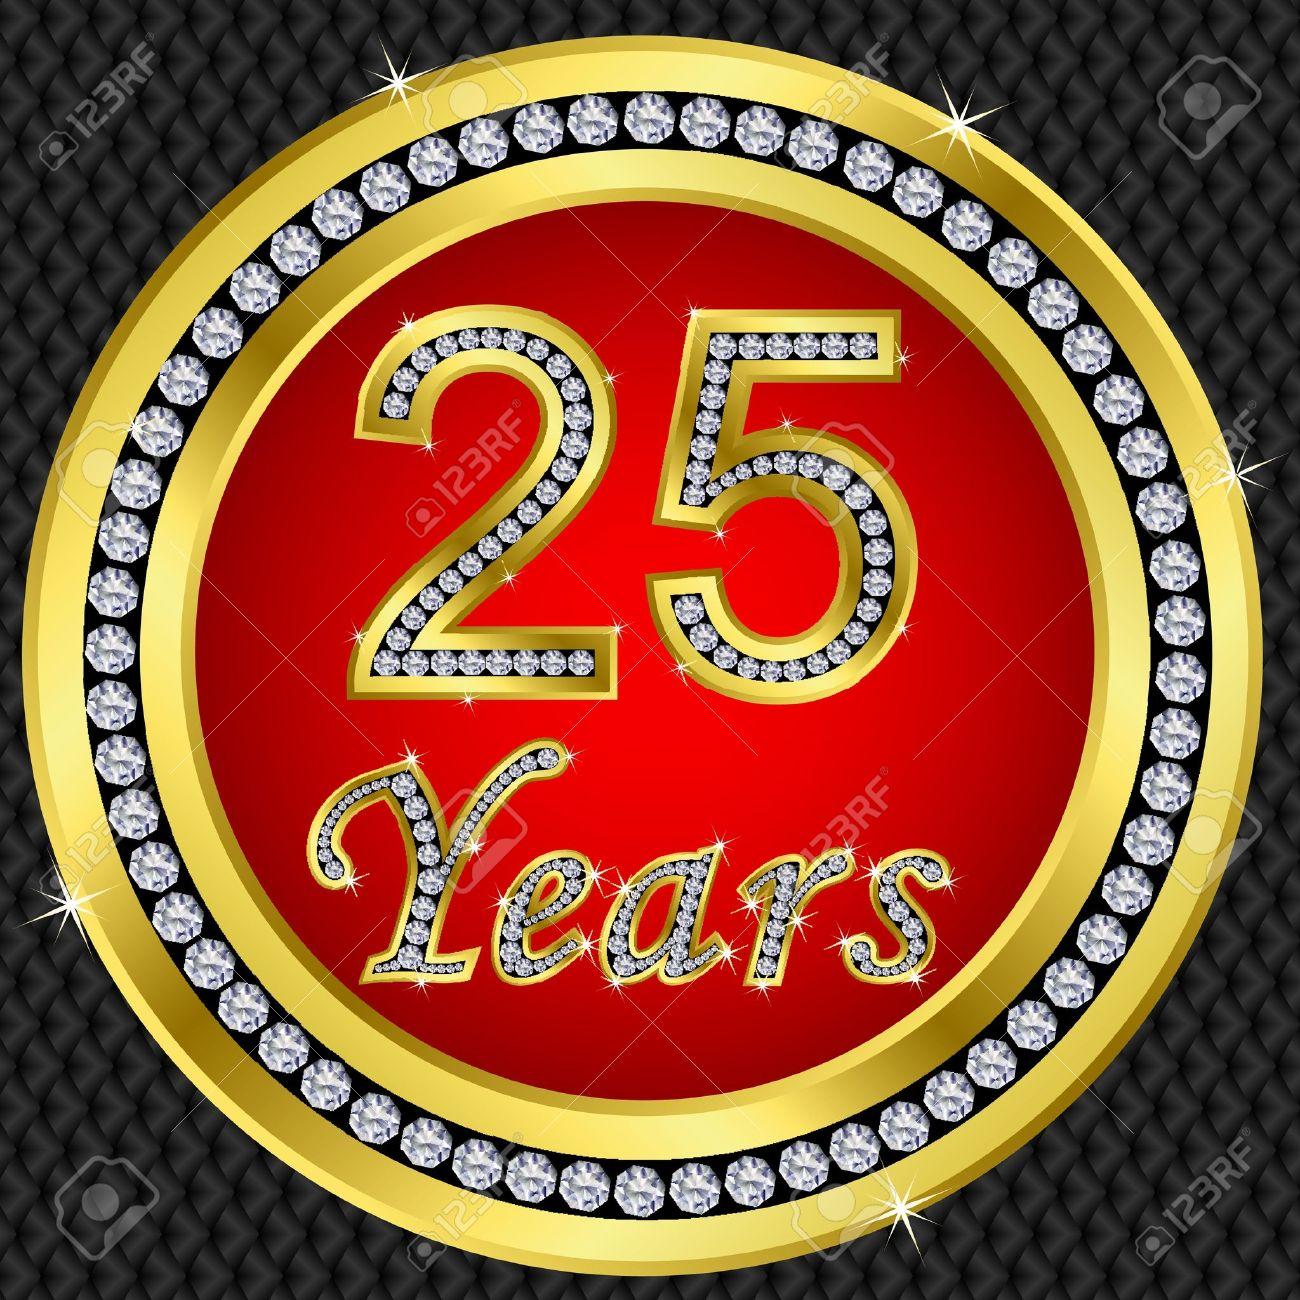 25 años bodas de oro icono de feliz cumpleaños con diamantes, ilustración vectorial Foto de